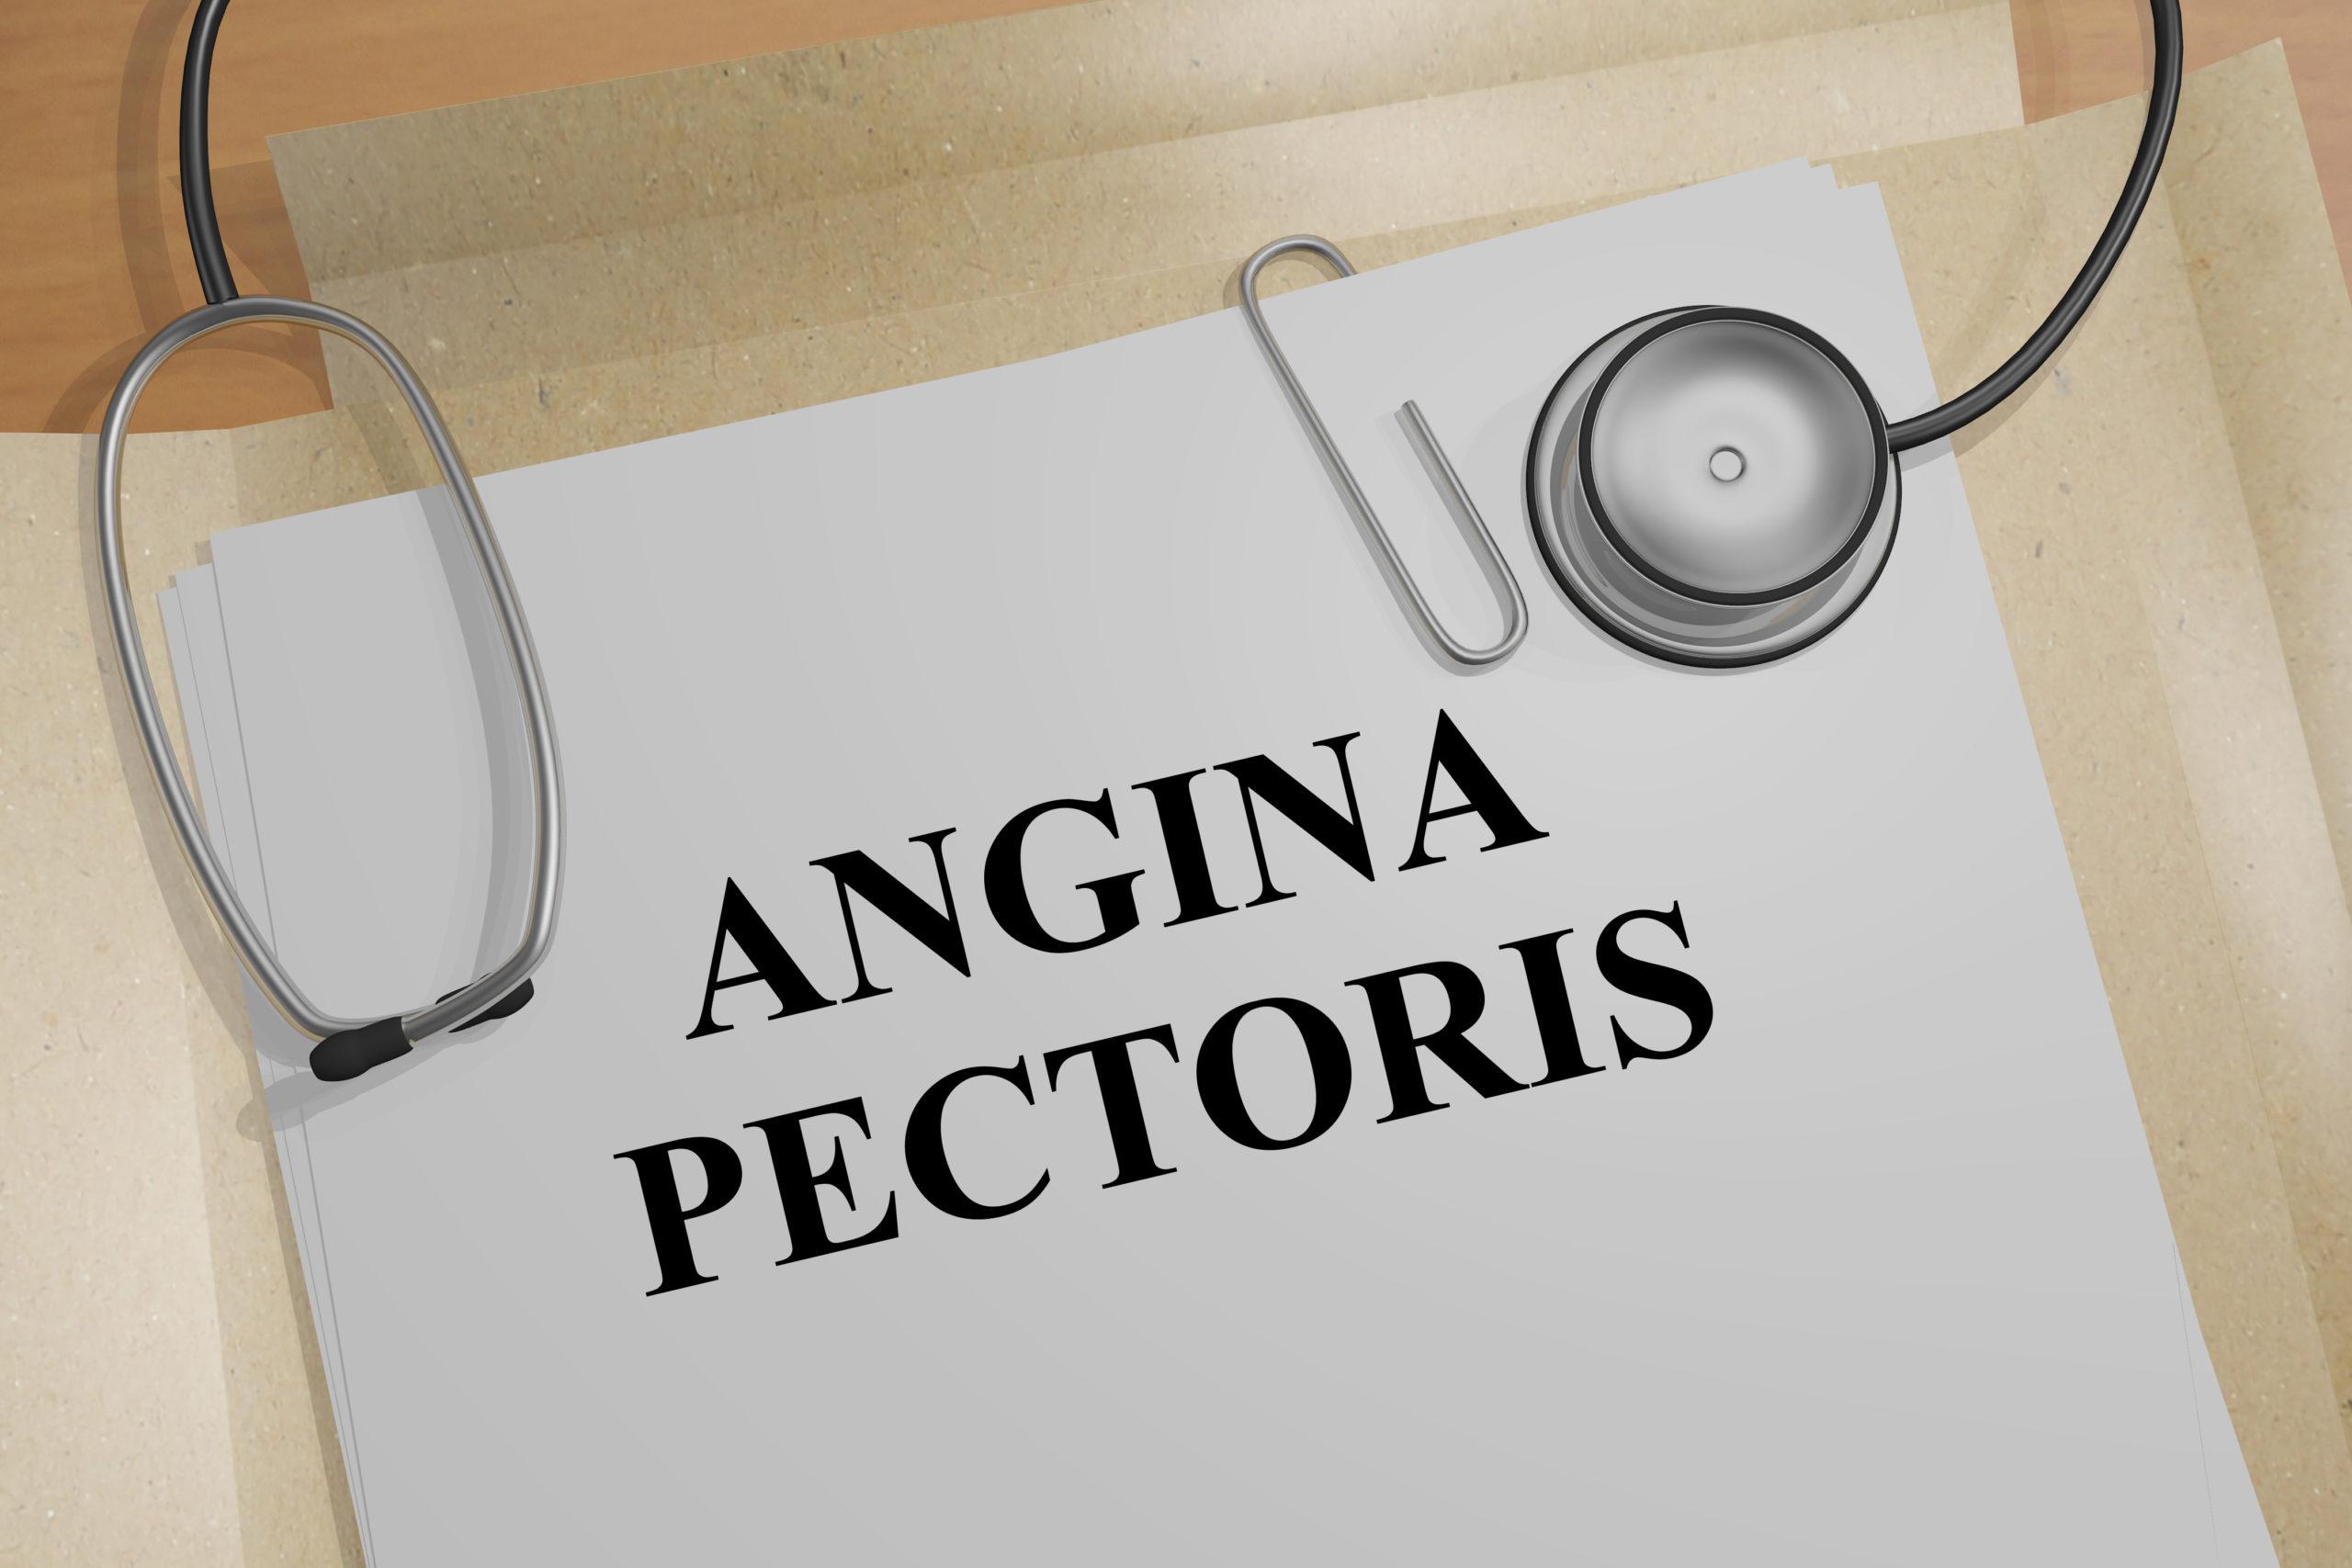 Angina Pectoris & Marijuana Information: Treat Angina Pectoris With Cannabis